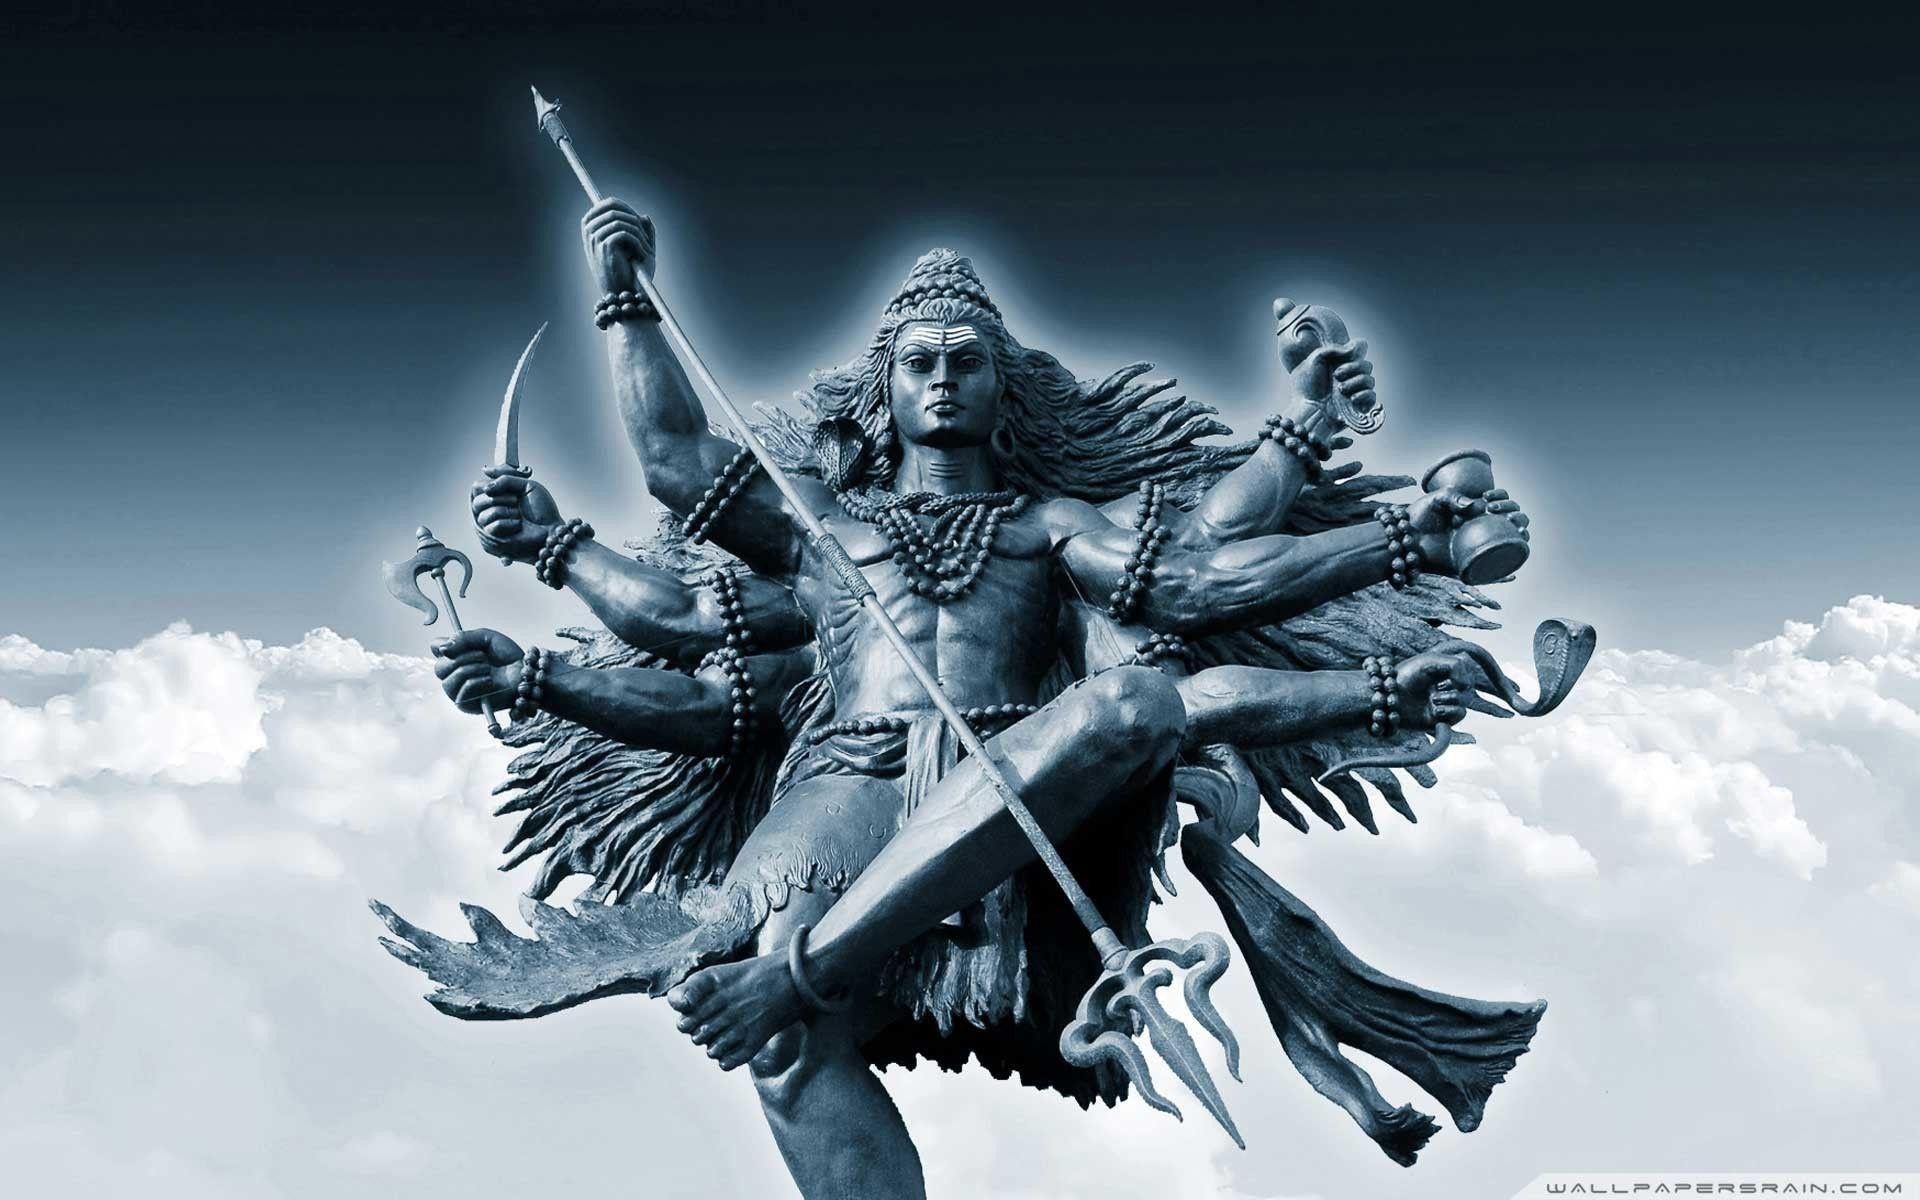 1920x1200 hình nền chúa tể shiva hình ảnh HD 6. Shiva